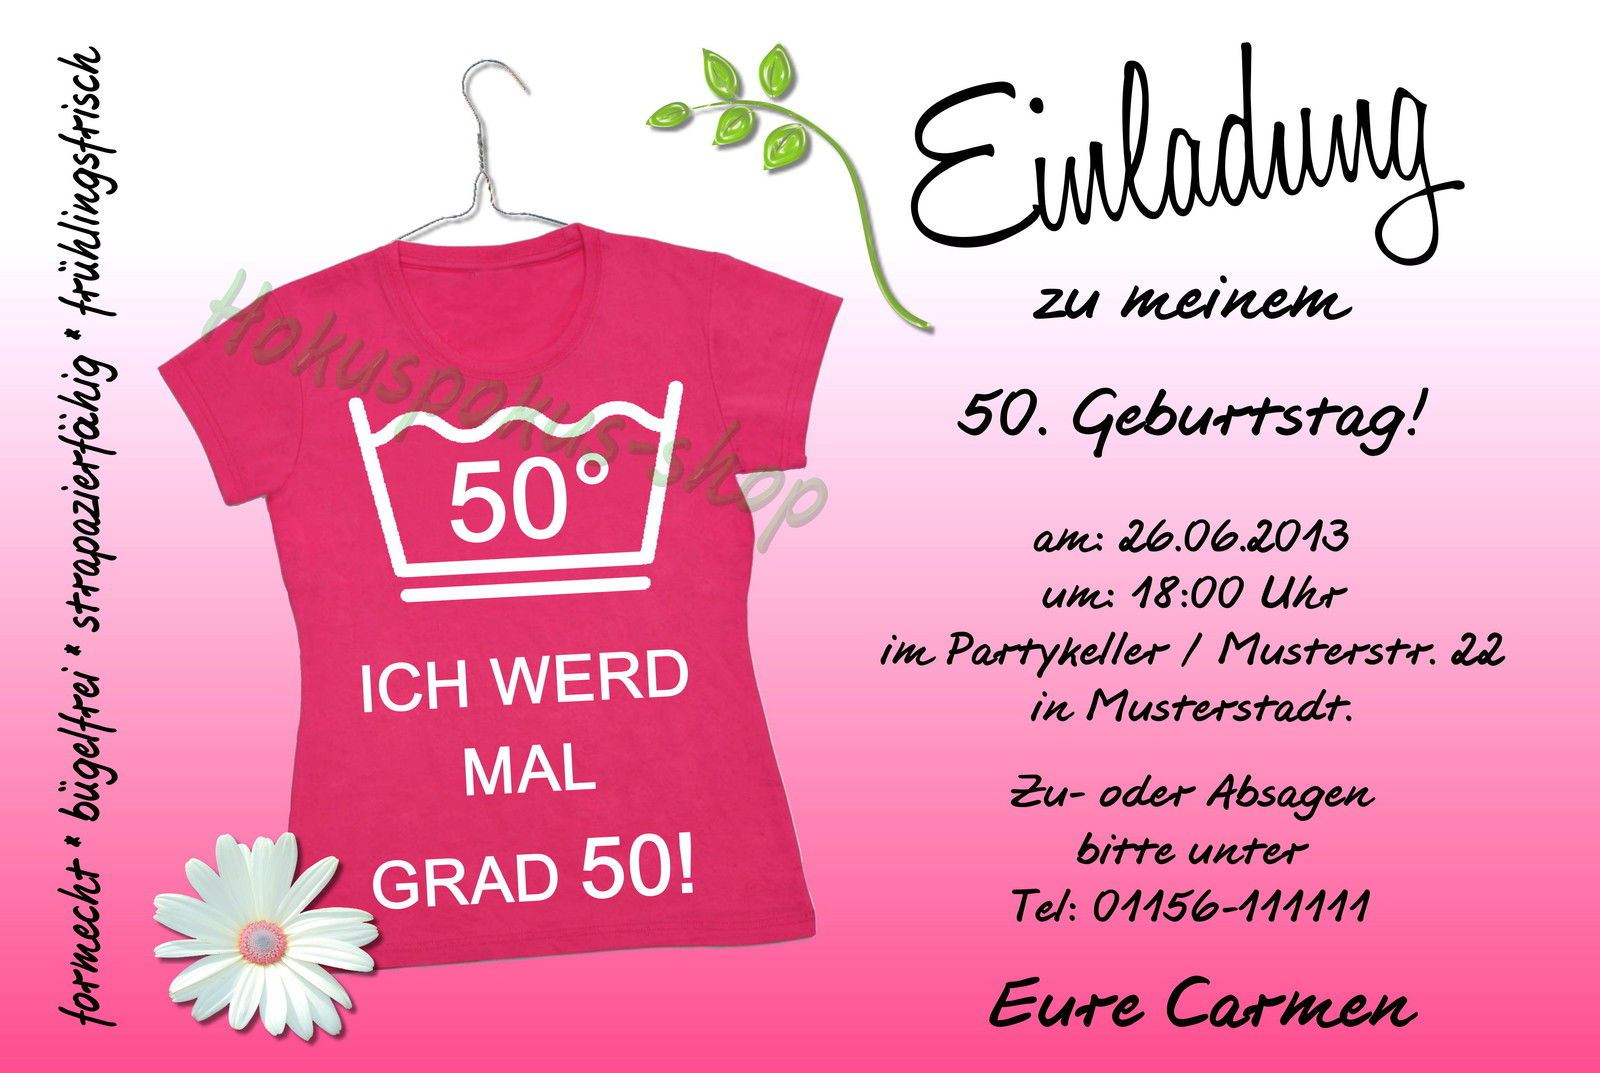 Einladungskarte Geburtstag Einladungskarte Geburtstag: Einladung 50 Geburtstag : Einladung 50 Geburtstag Text